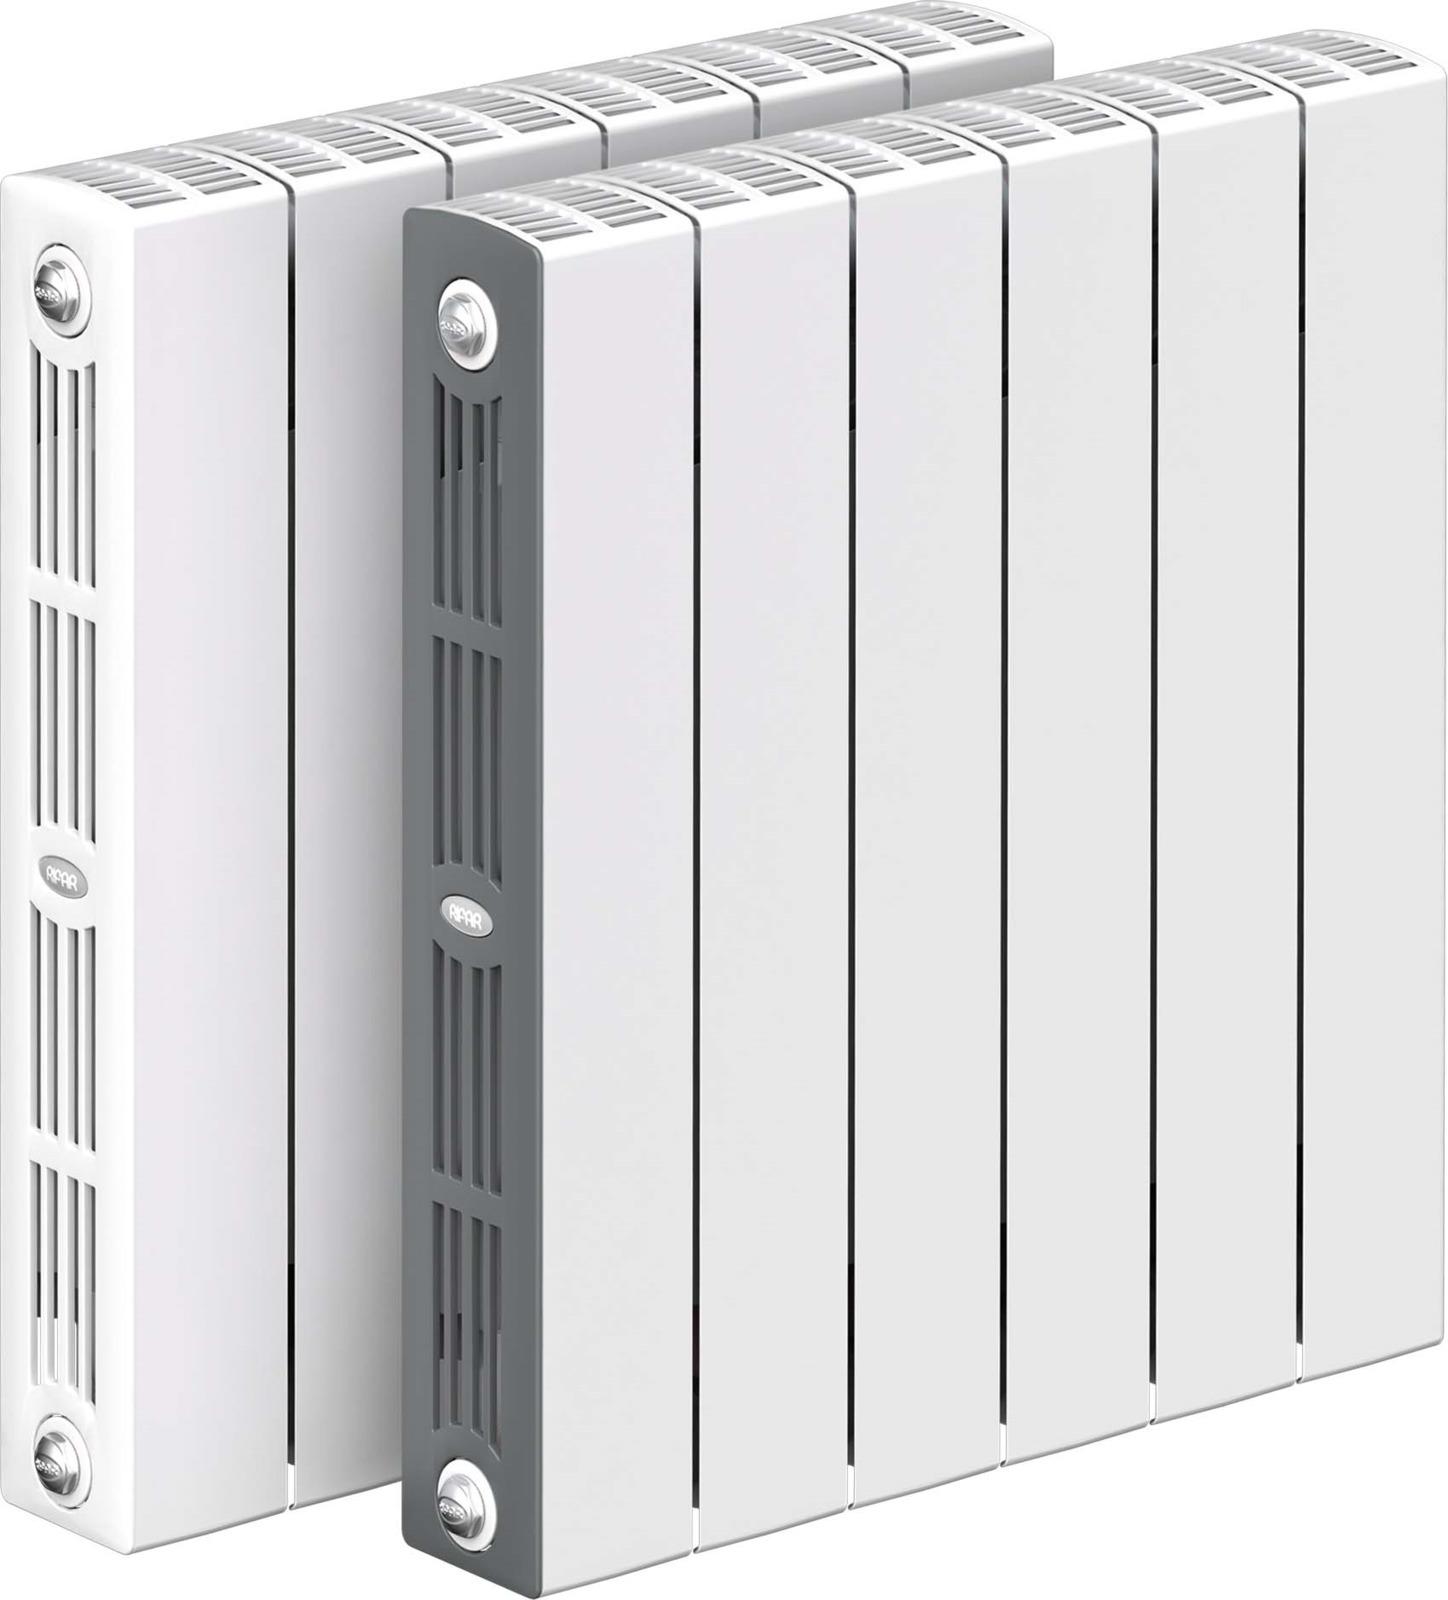 Секционный радиатор Rifar Supremo 350, биметаллический, RIFAR S 350-6, белый, 6 секций kermi profil v profil v ftv 22 500 2600 радиатор стальной панельный нижнее подключение белый ral 9016